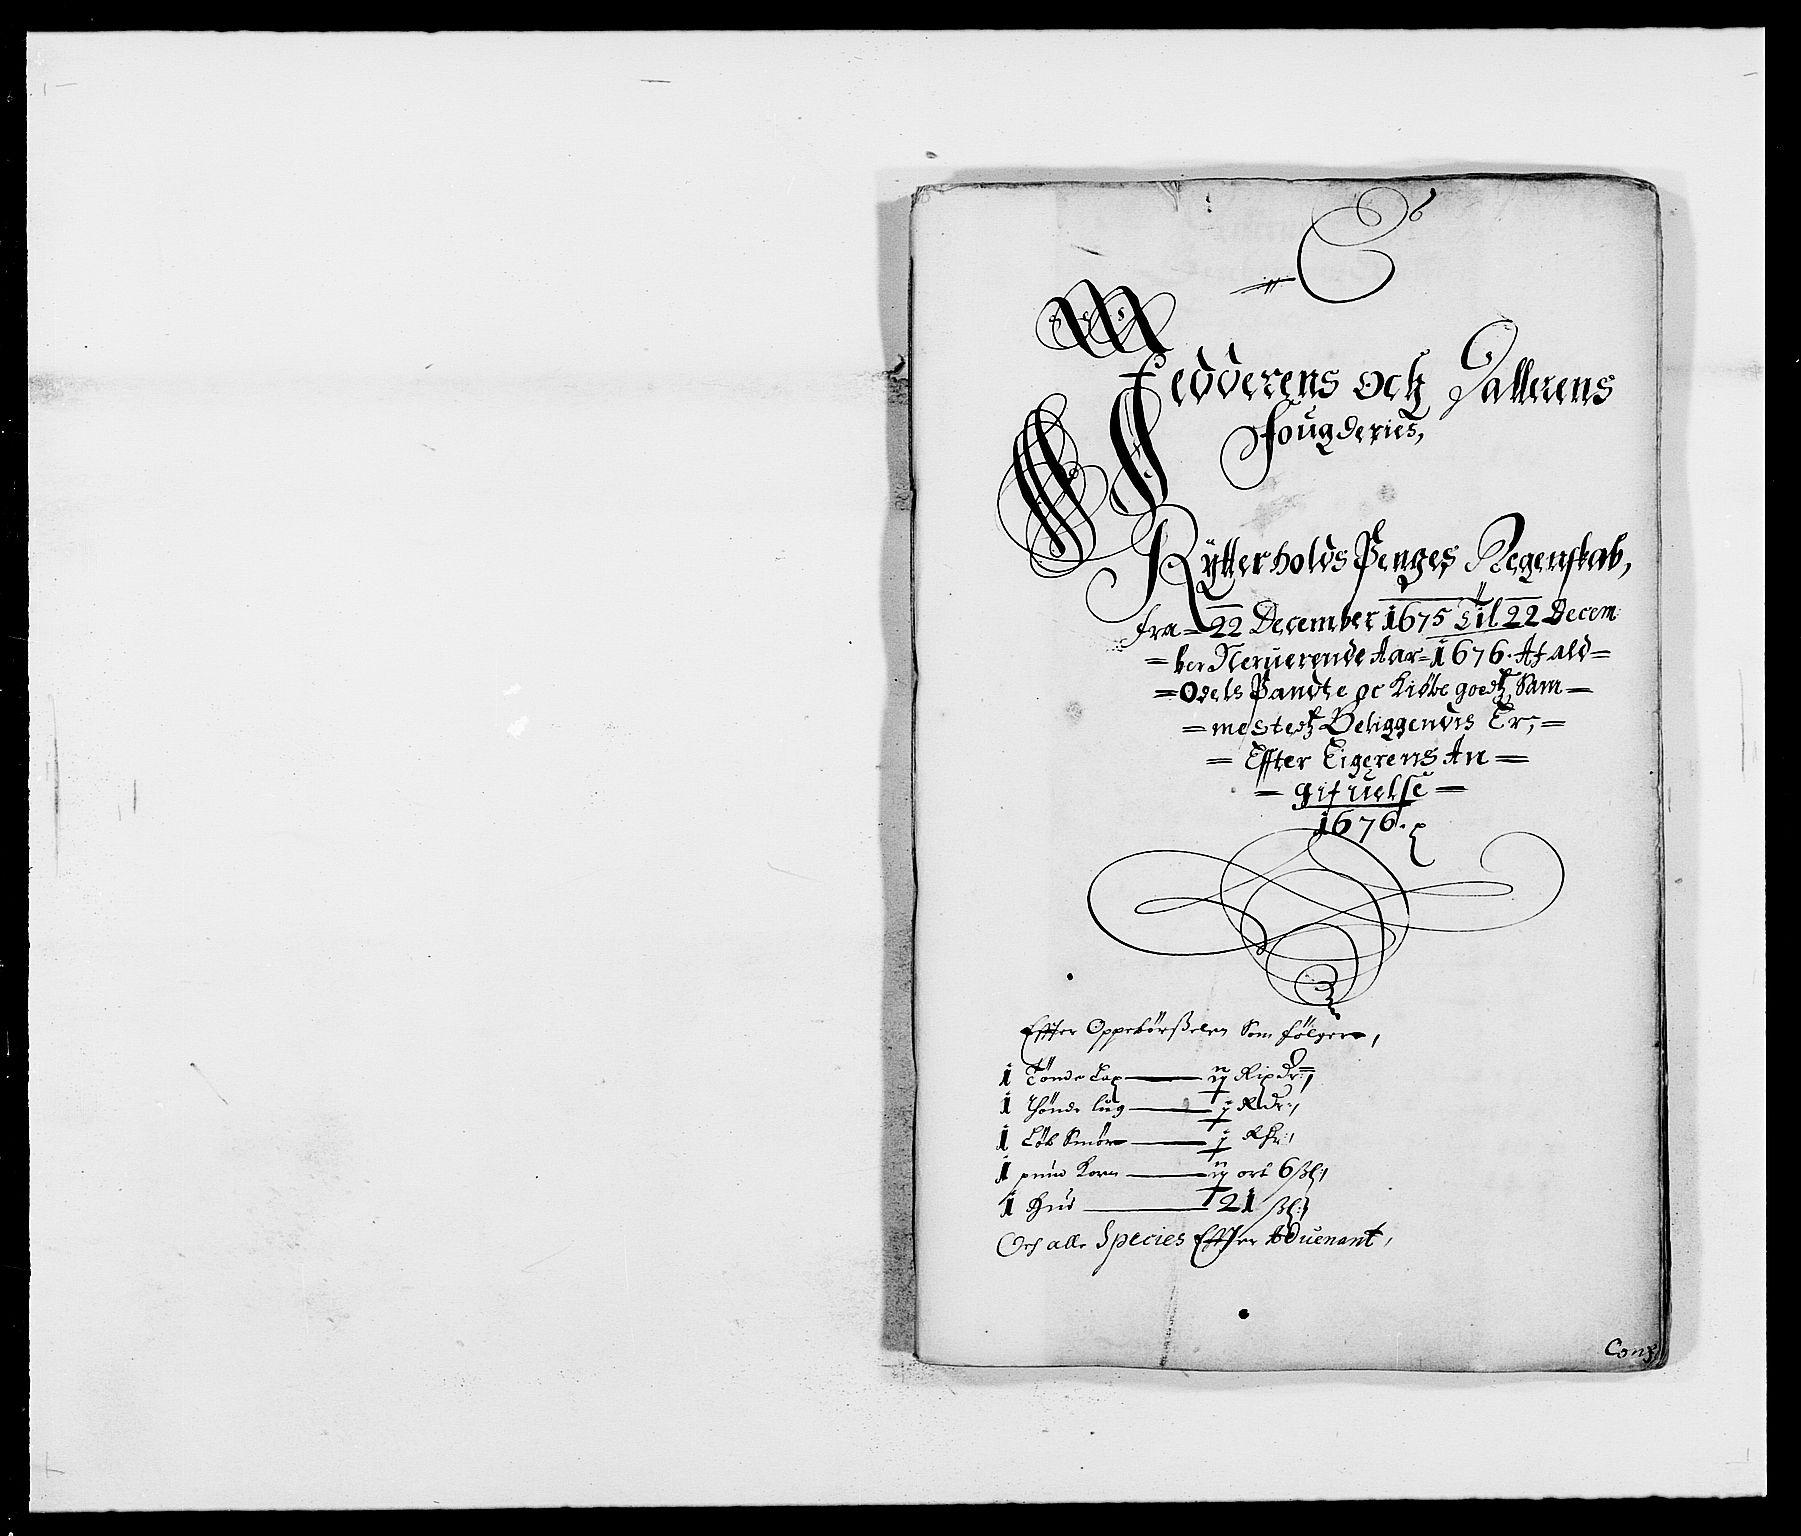 RA, Rentekammeret inntil 1814, Reviderte regnskaper, Fogderegnskap, R46/L2716: Fogderegnskap Jæren og Dalane, 1676, s. 131